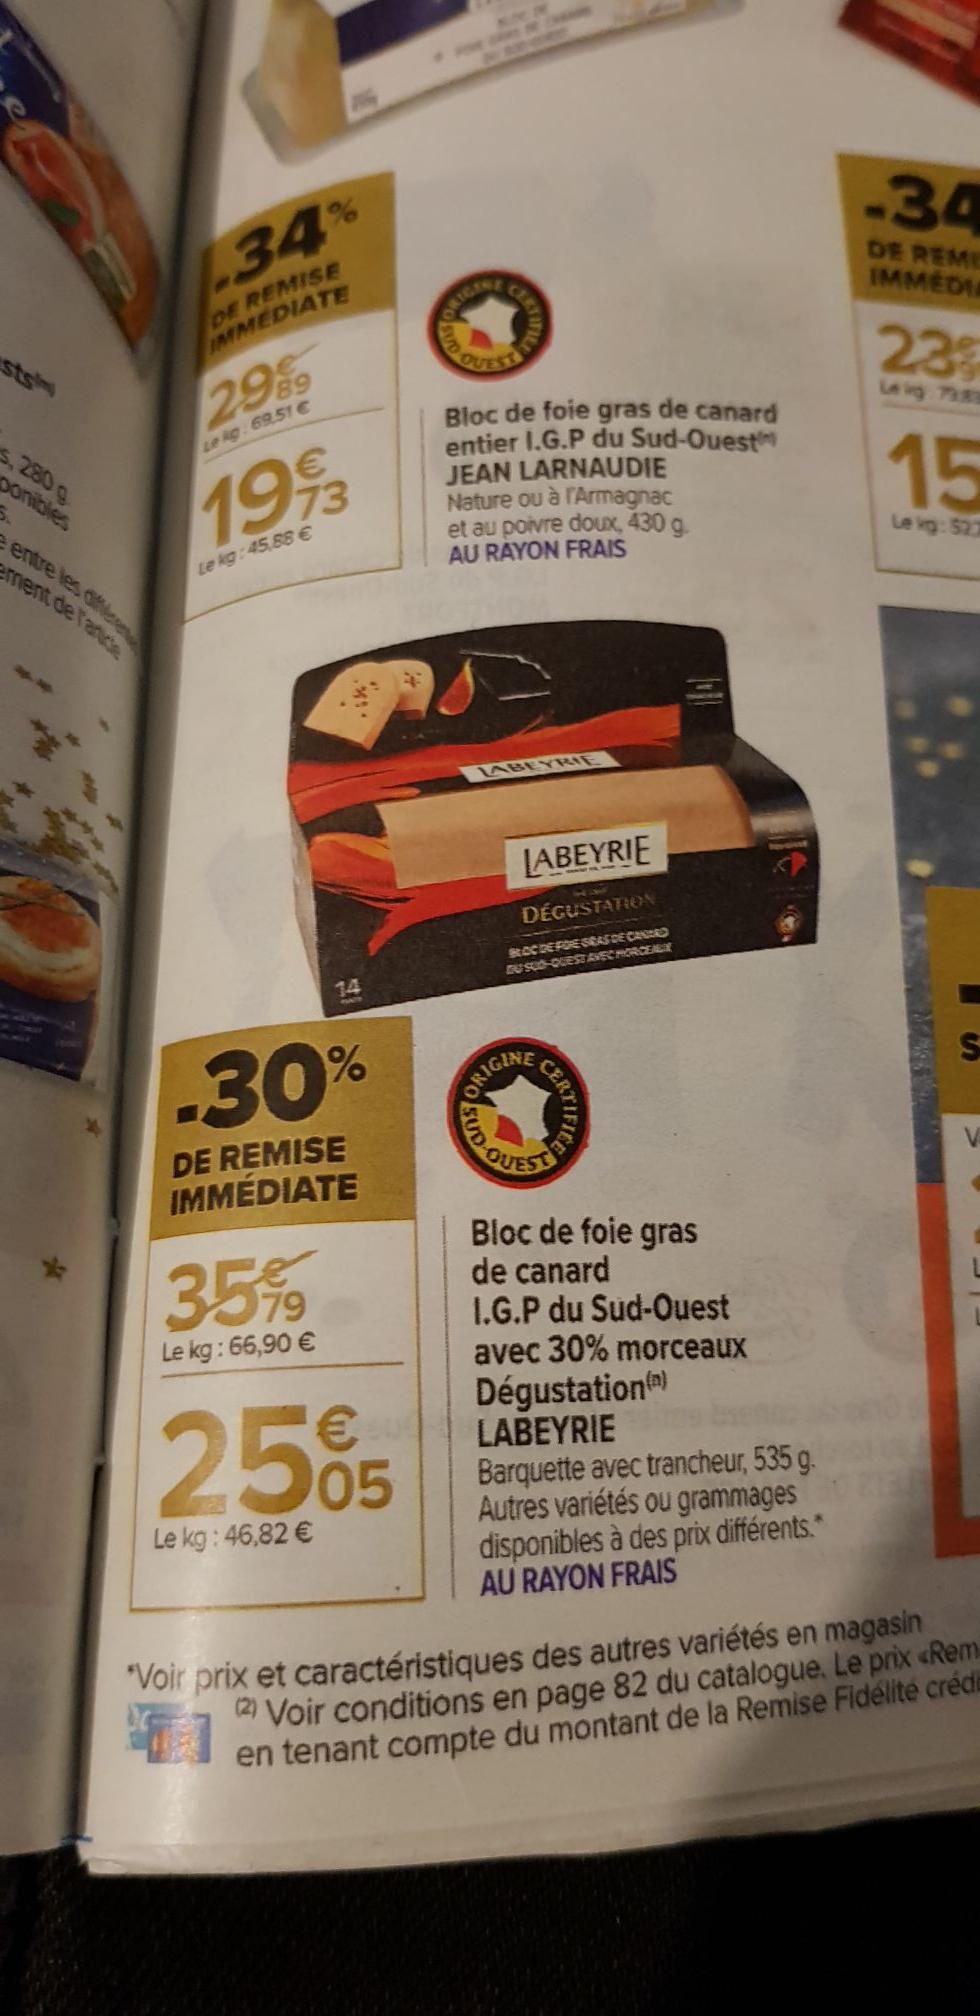 Bloc de foie gras de Canard Labeyrie - 535g